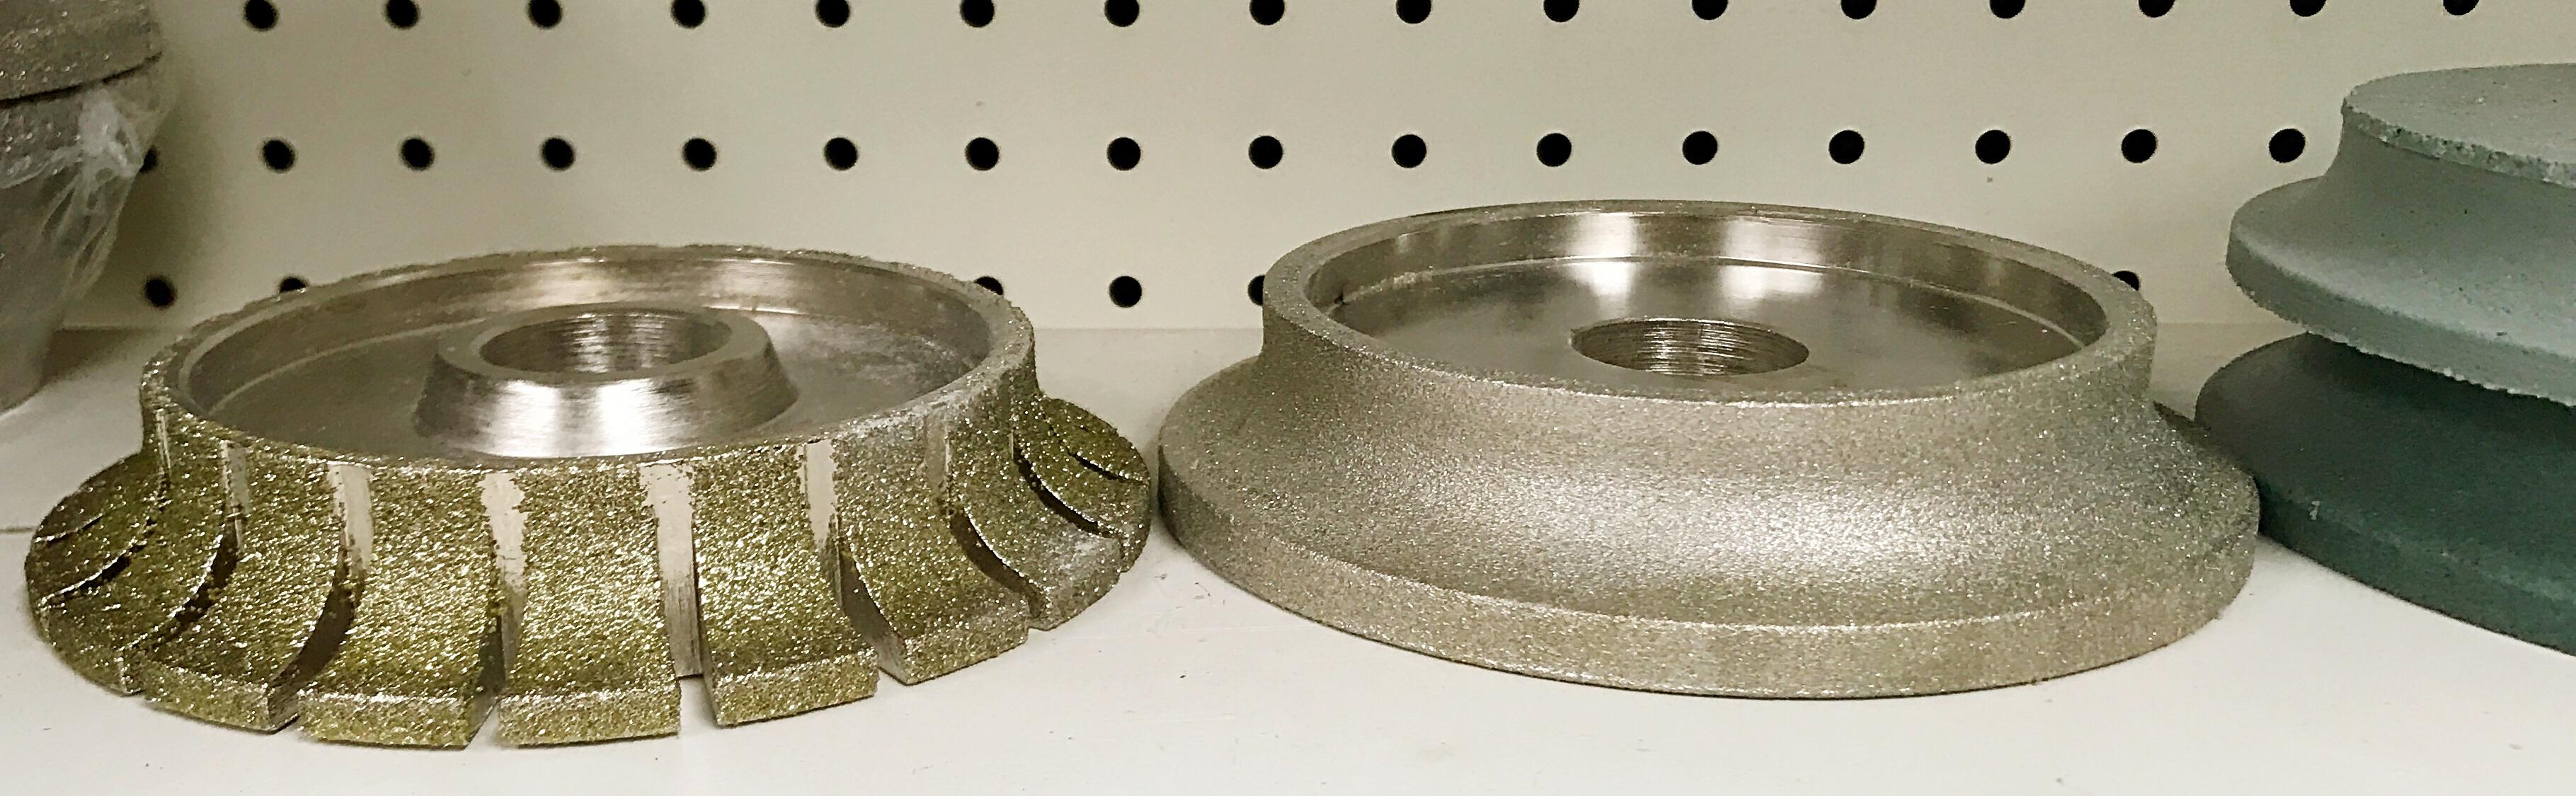 La cabeza de piedra de diamante de ribete, ruedas de molino, el volante de 140 mm de diámetro 8 modelos de 1,5 cm de lado